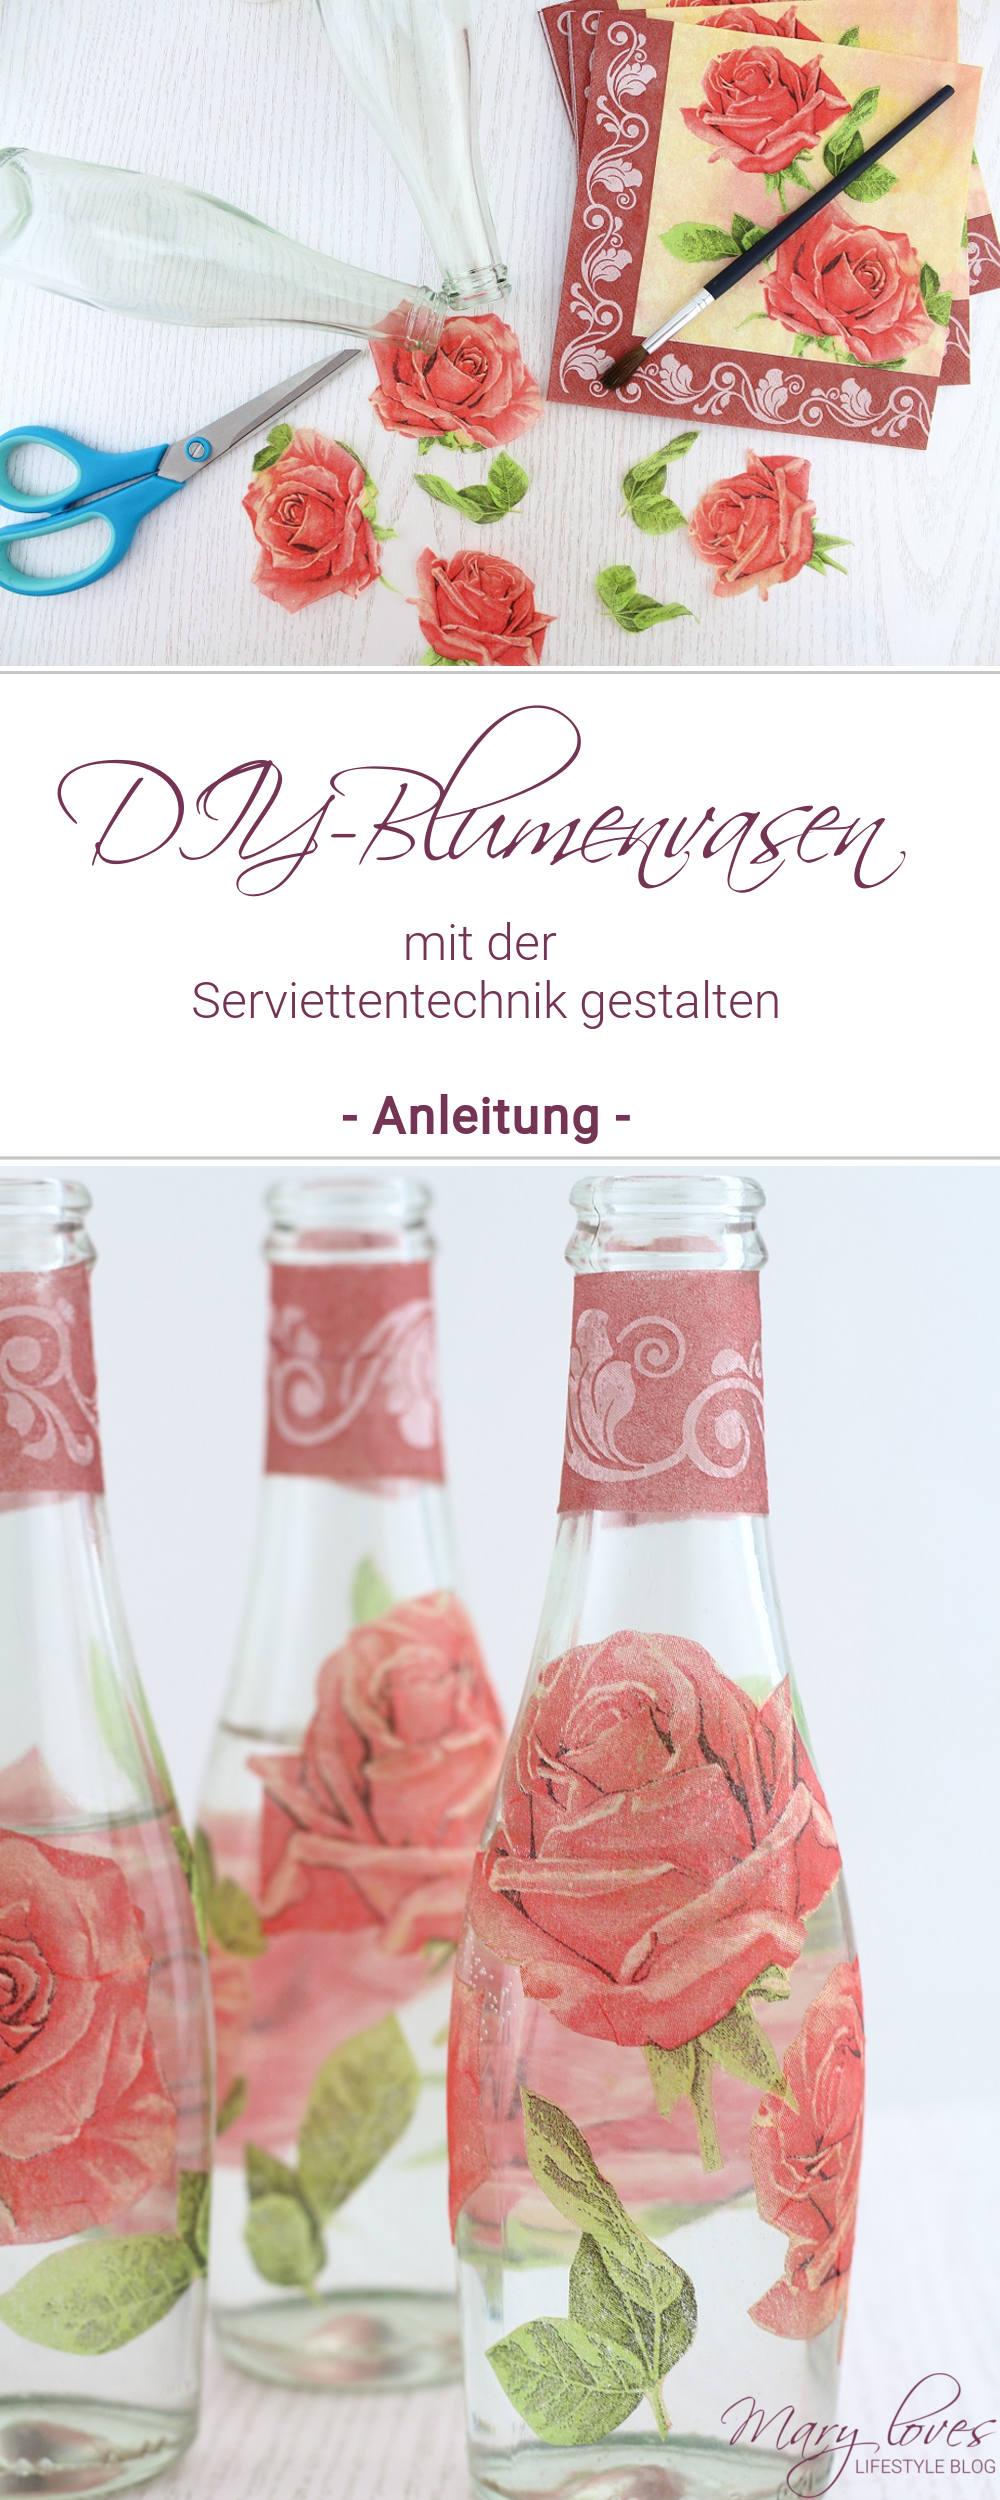 DIY-Blumenvasen mit Serviettentechnik gestalten - alte Glasflaschen mit Servietten verschönern und upcyclen - Serviettentechnik auf Glasflaschen anwenden